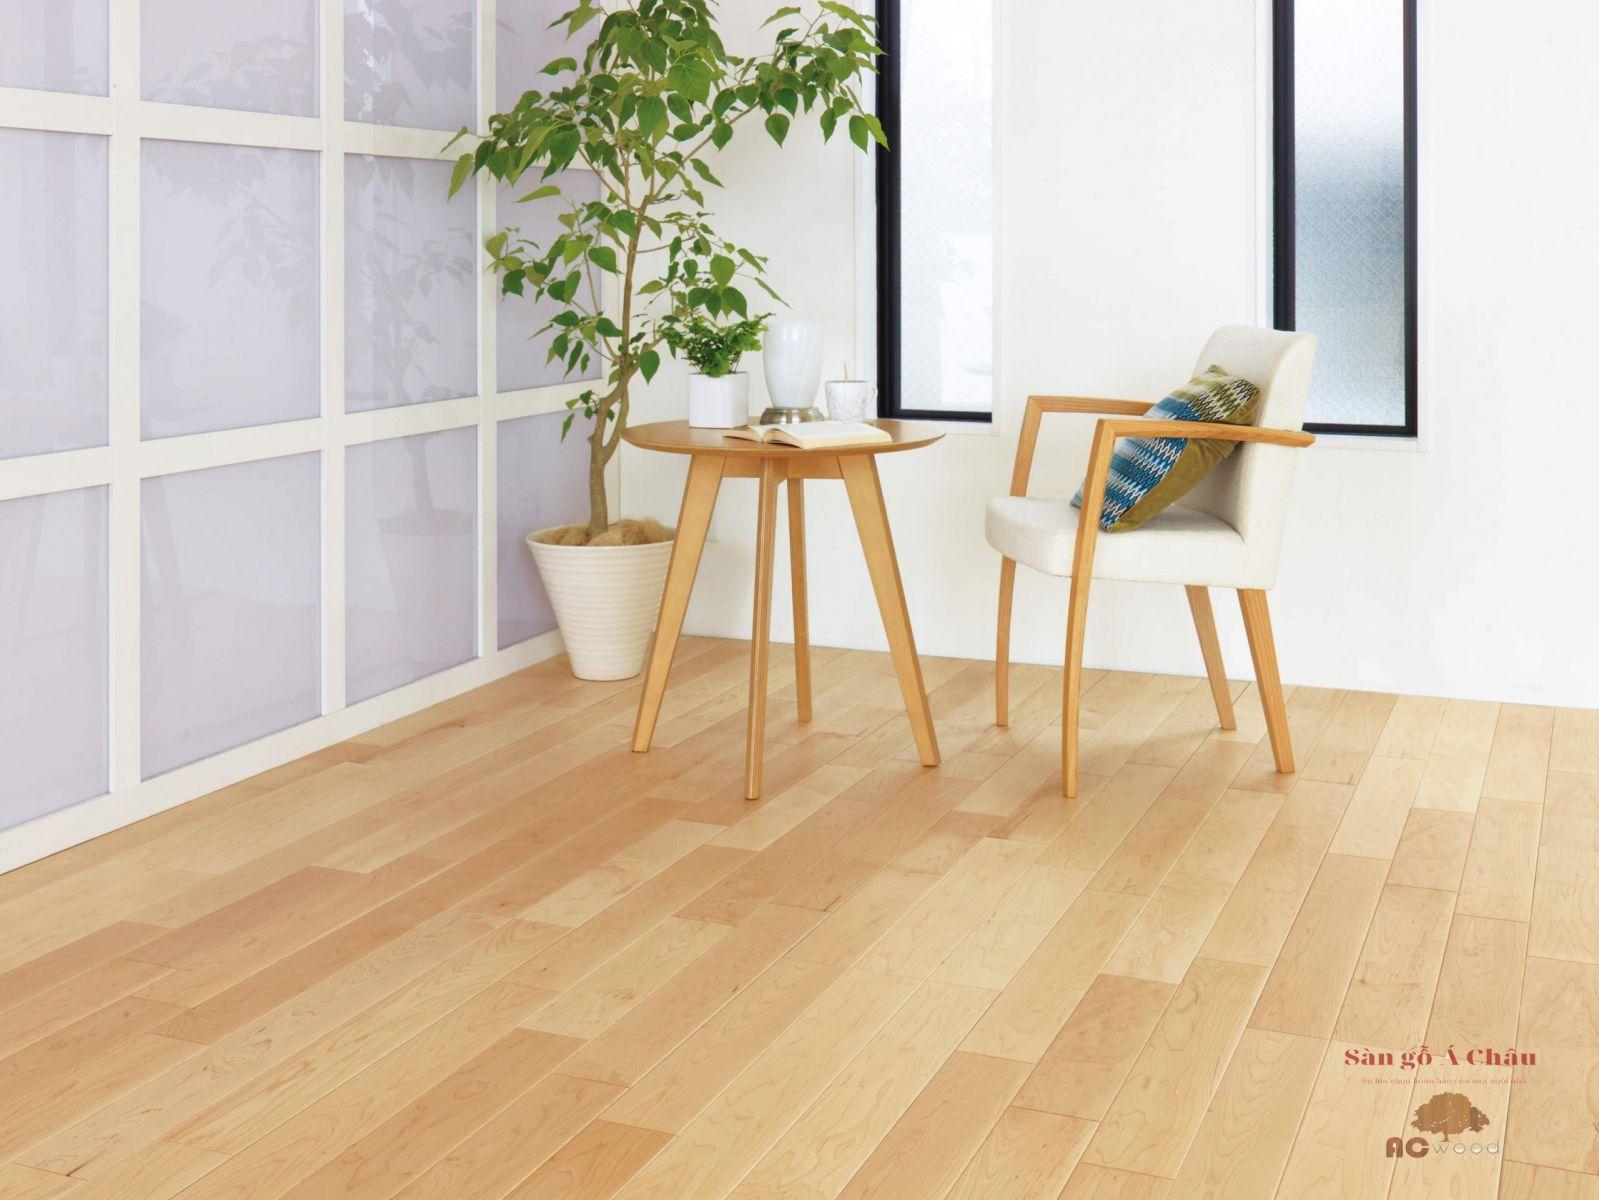 Tìm hiểu thế nào là sàn gỗ kỹ thuật